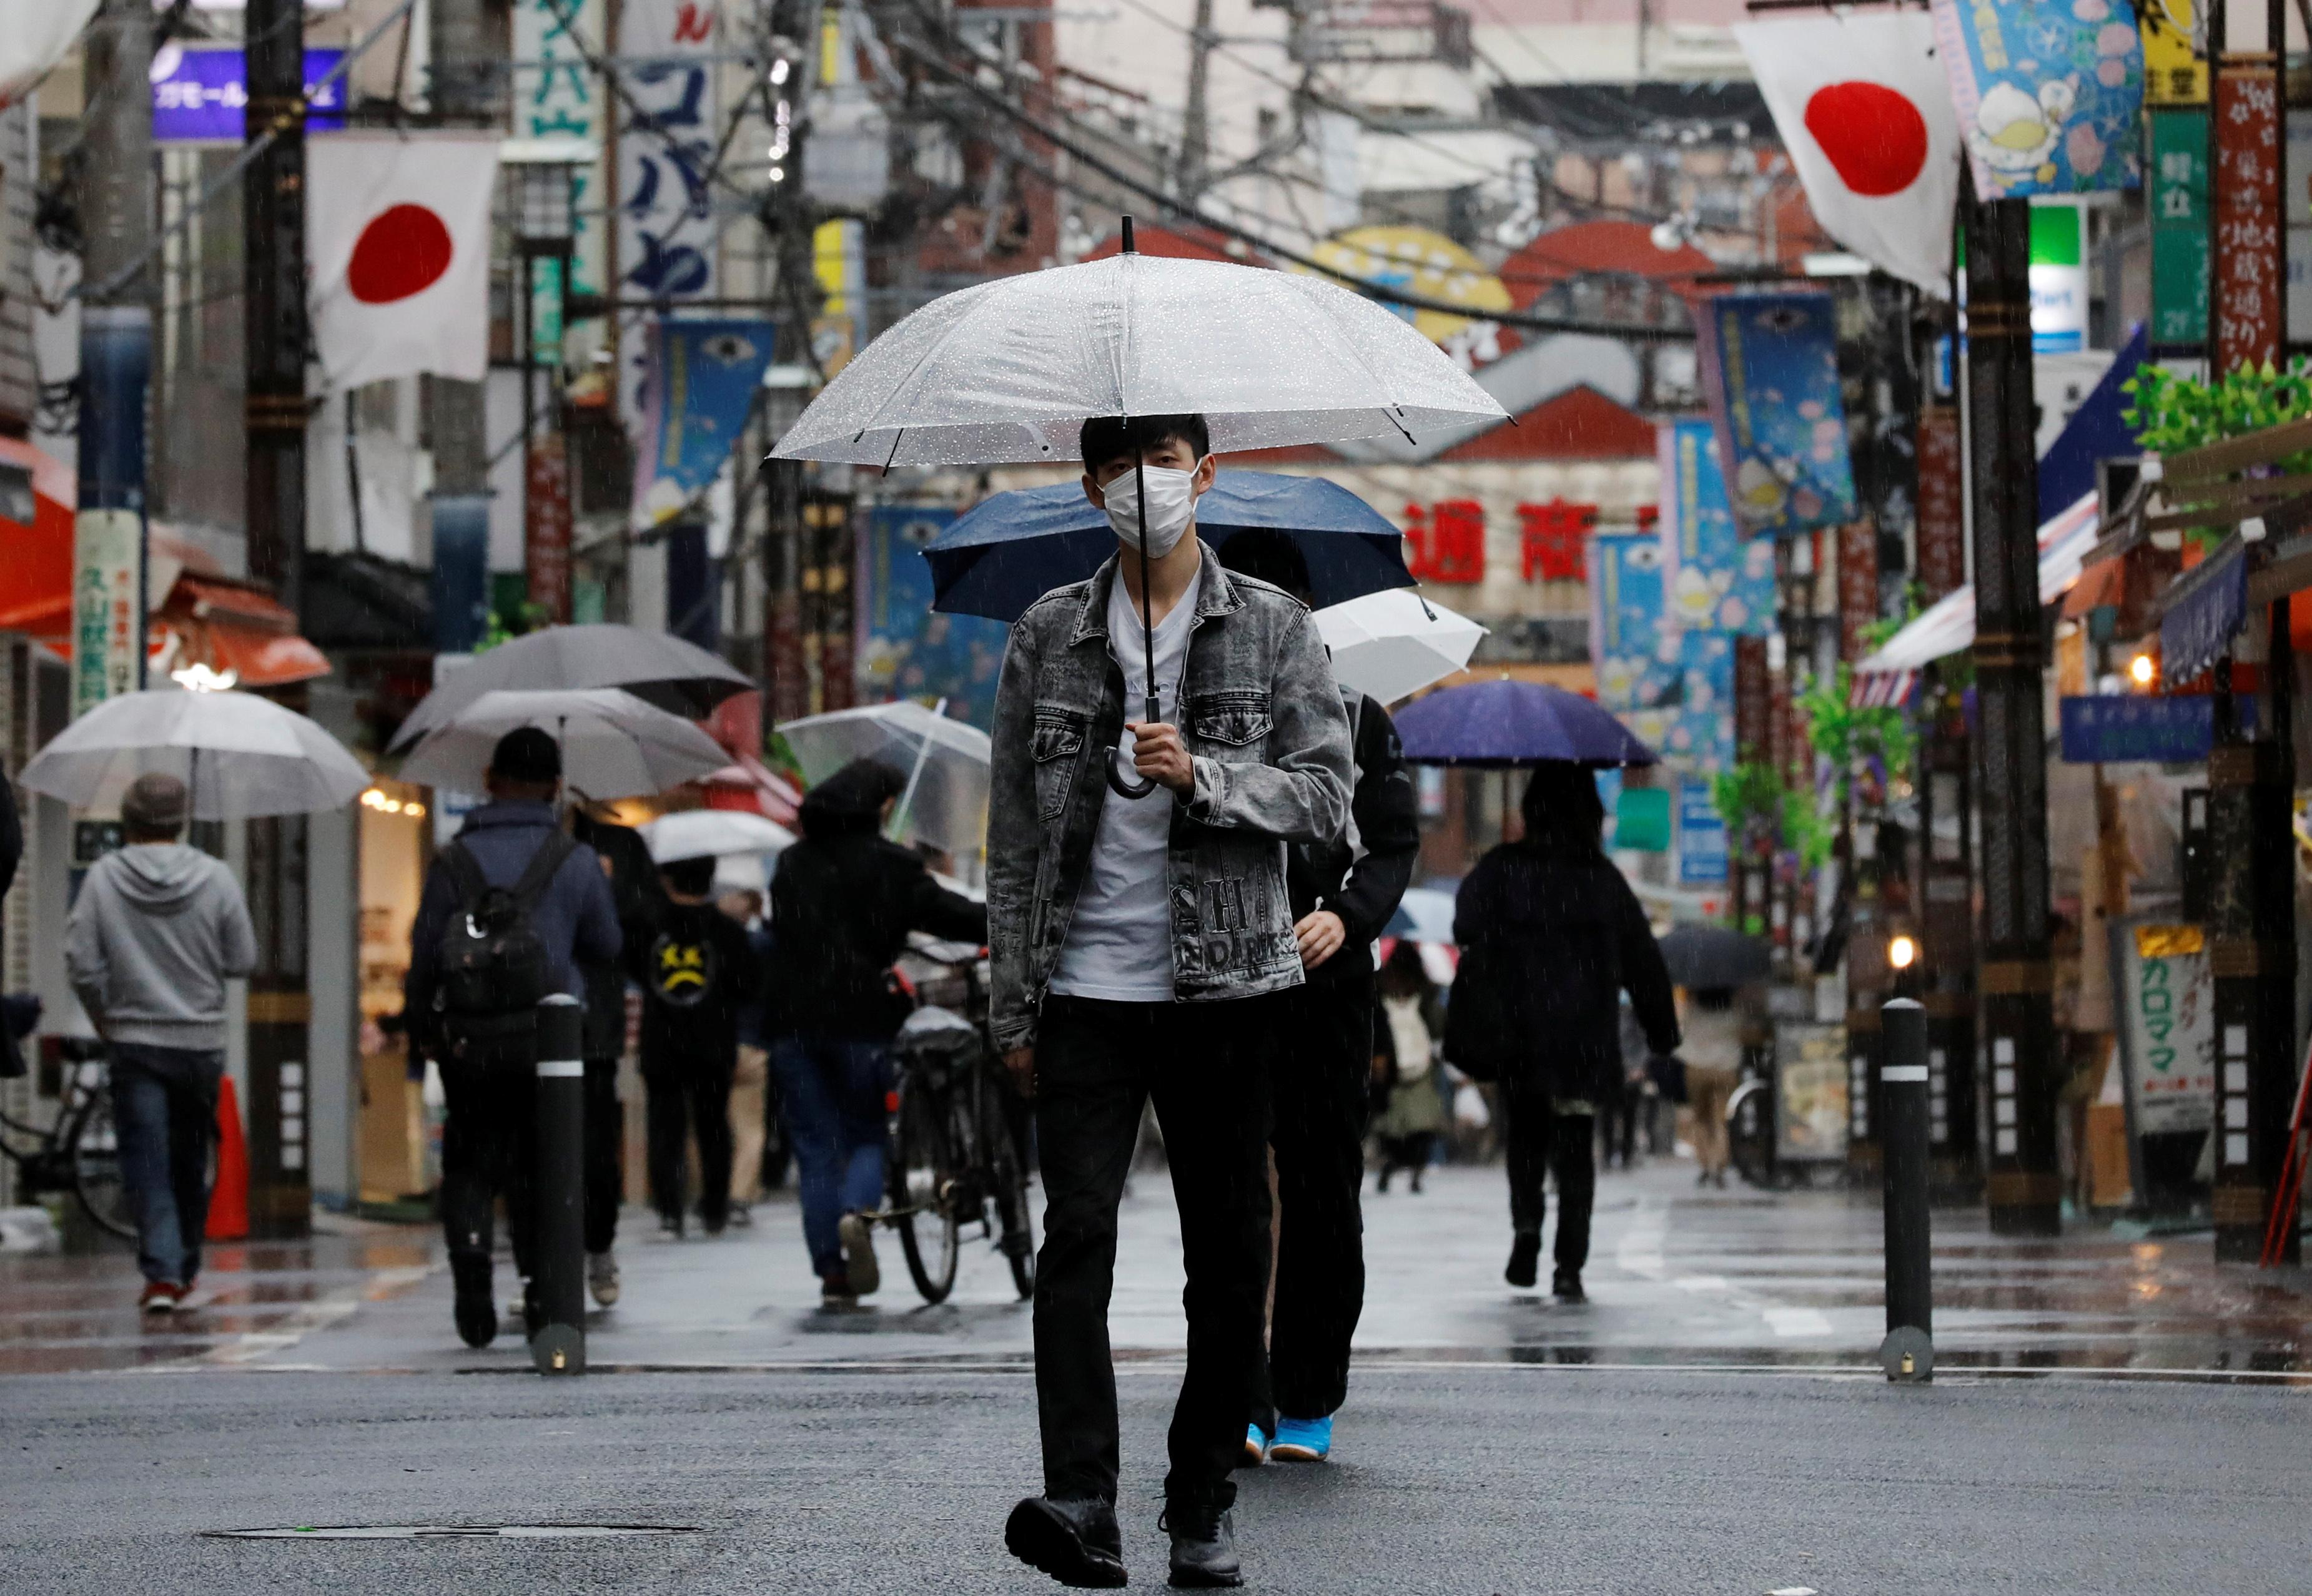 A man wearing a protective face mask, amid the coronavirus disease (COVID-19) pandemic, makes his way at a local shopping street in Tokyo, Japan, May 5, 2021. REUTERS/Kim Kyung-Hoon